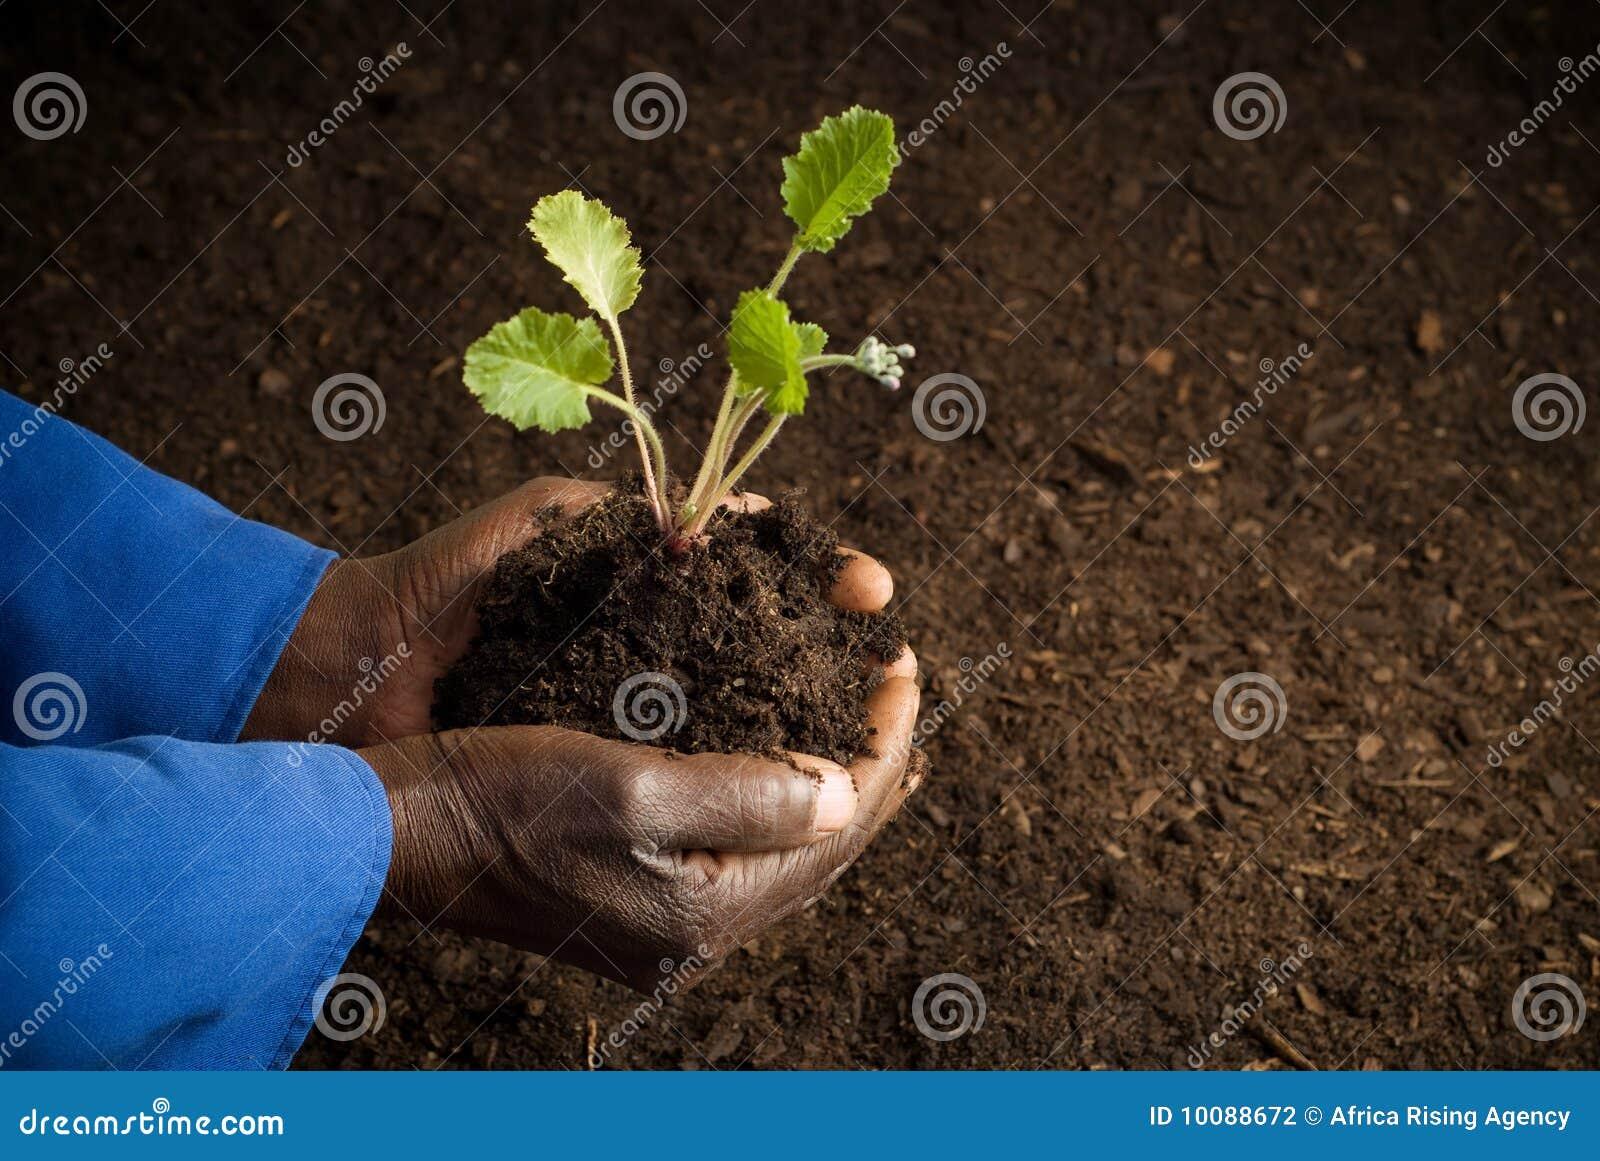 Fazendeiro do americano africano com planta nova